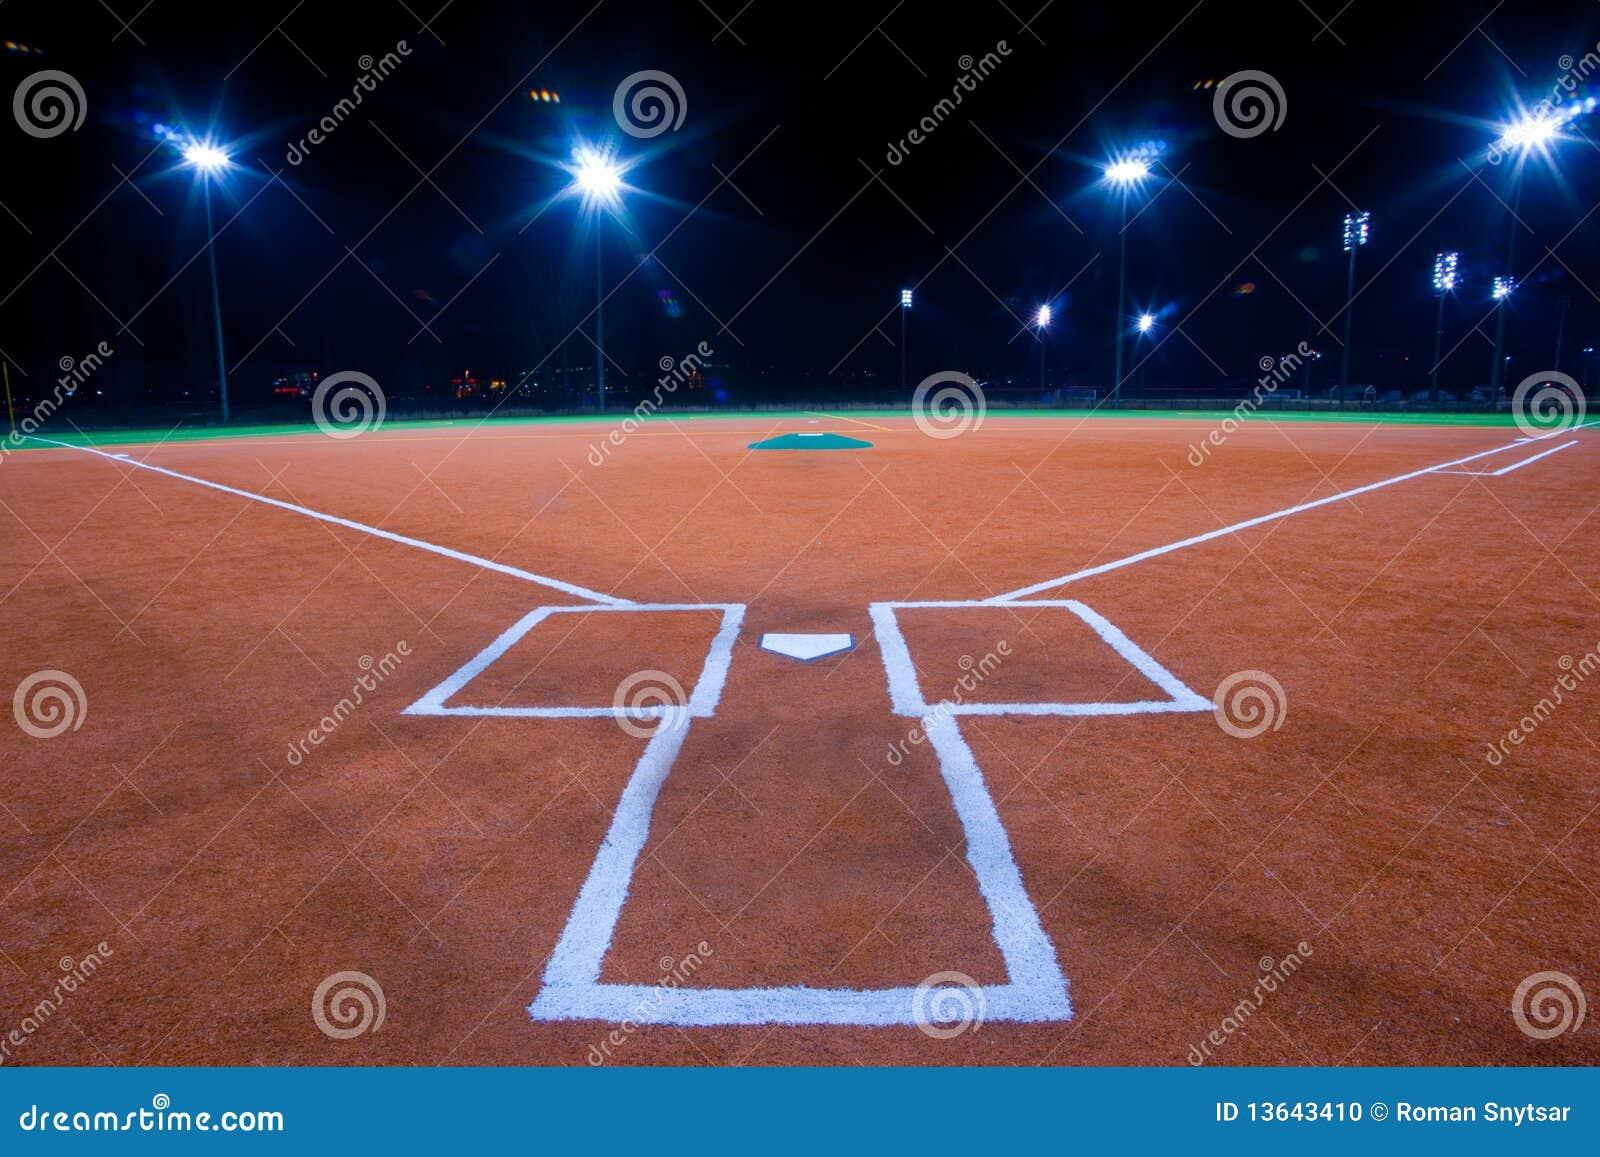 Baseballdiamantnatt